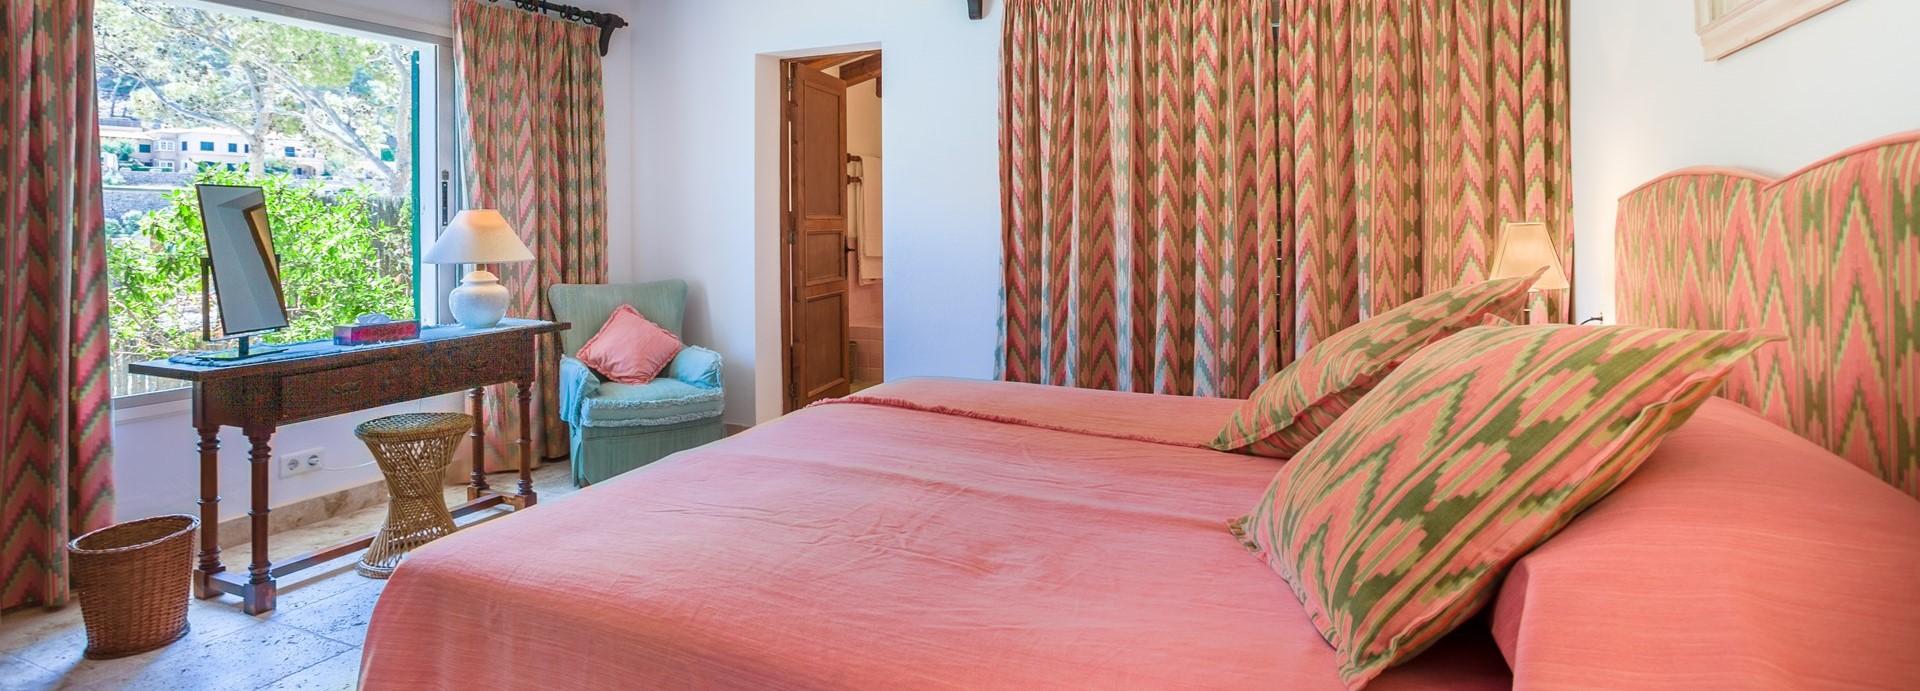 villa-mar-azul-double-bedroom-4